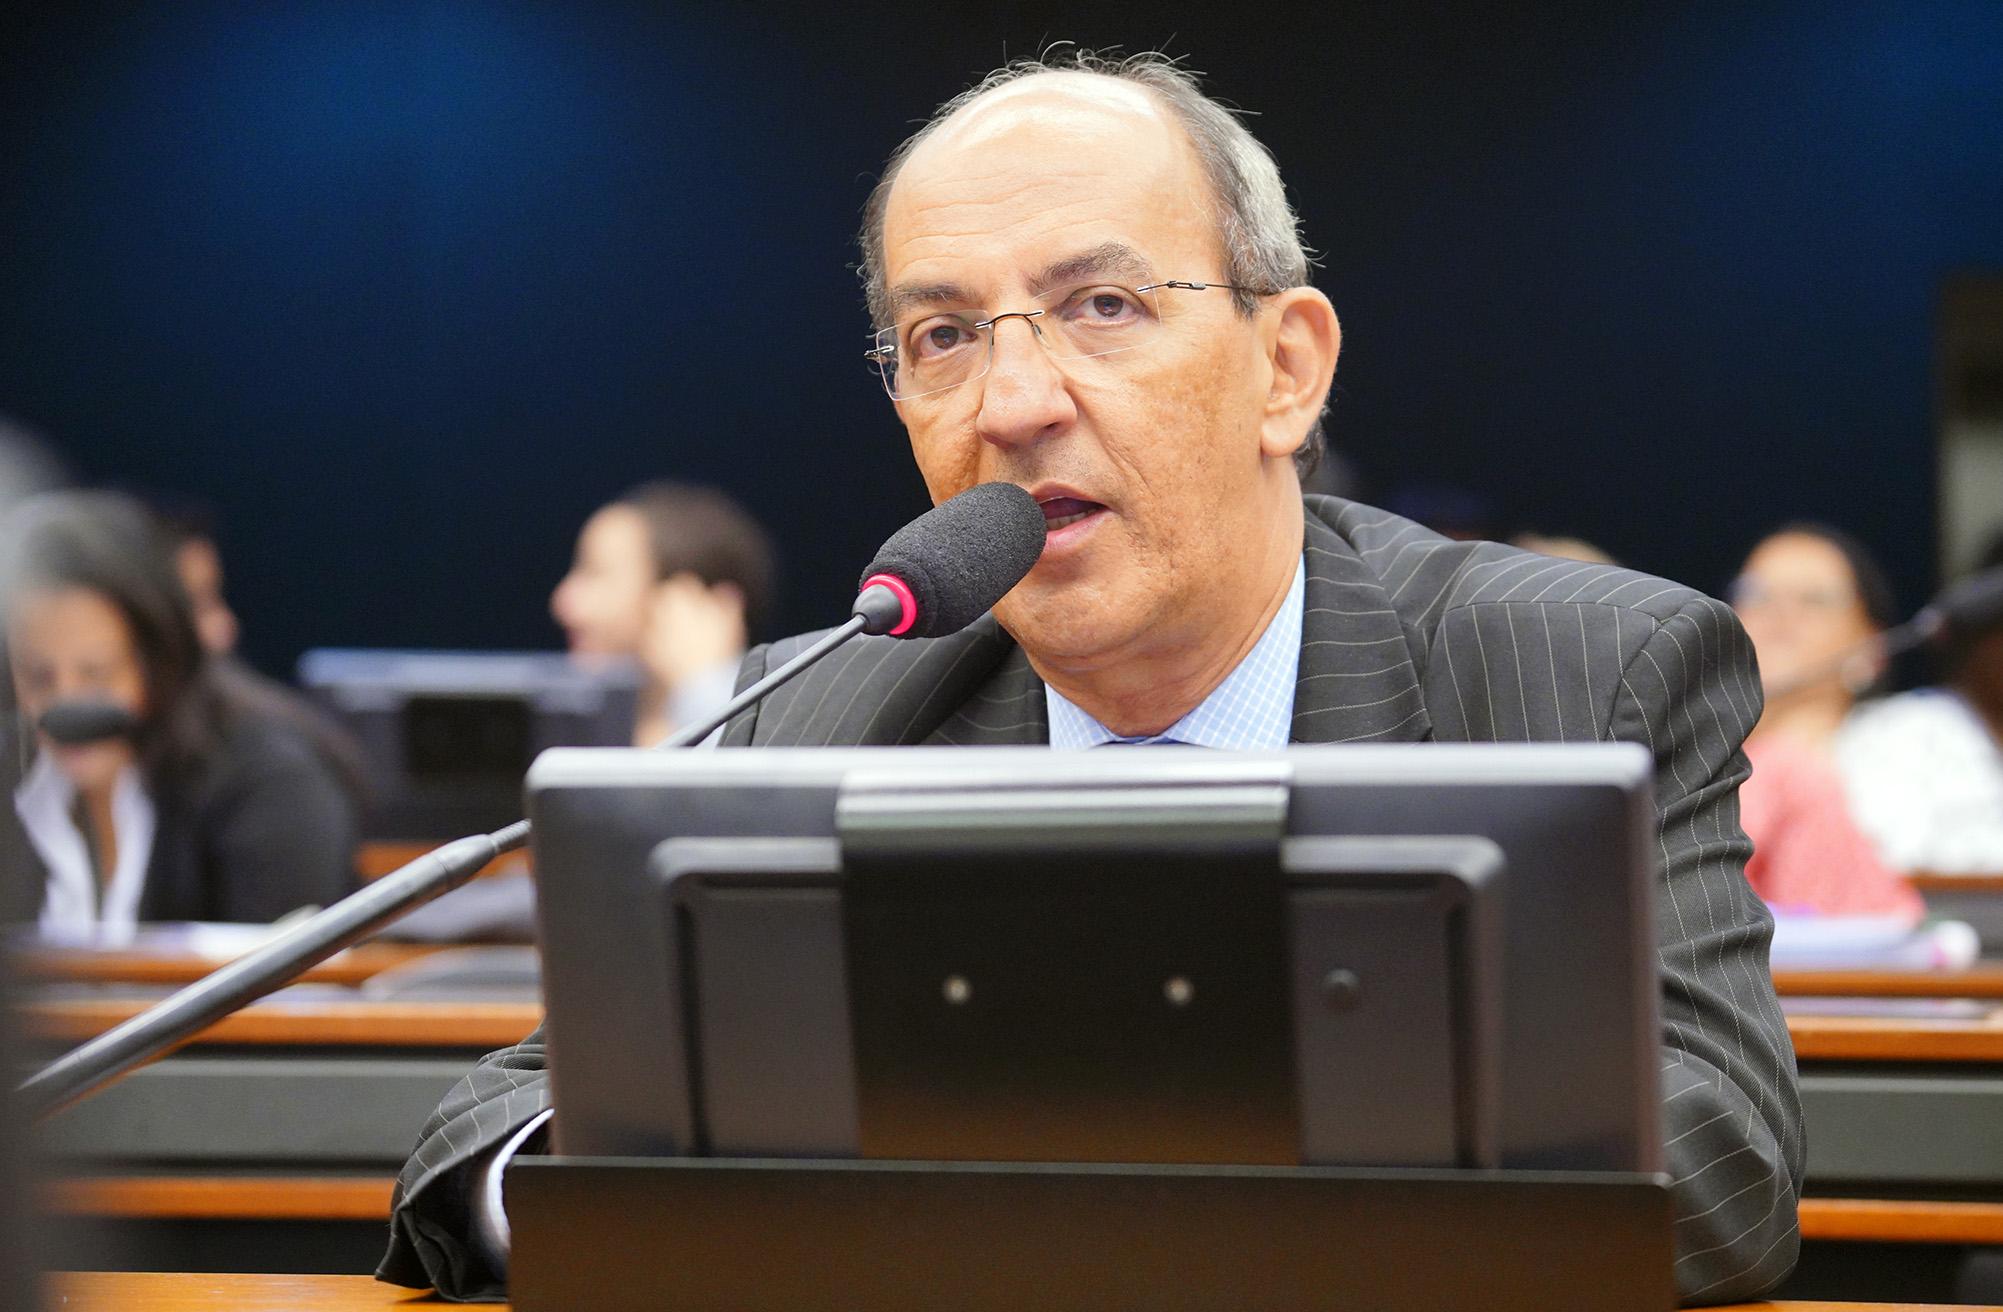 Reunião ordinária. Dep. Arnaldo Jordy (PPS - PA)